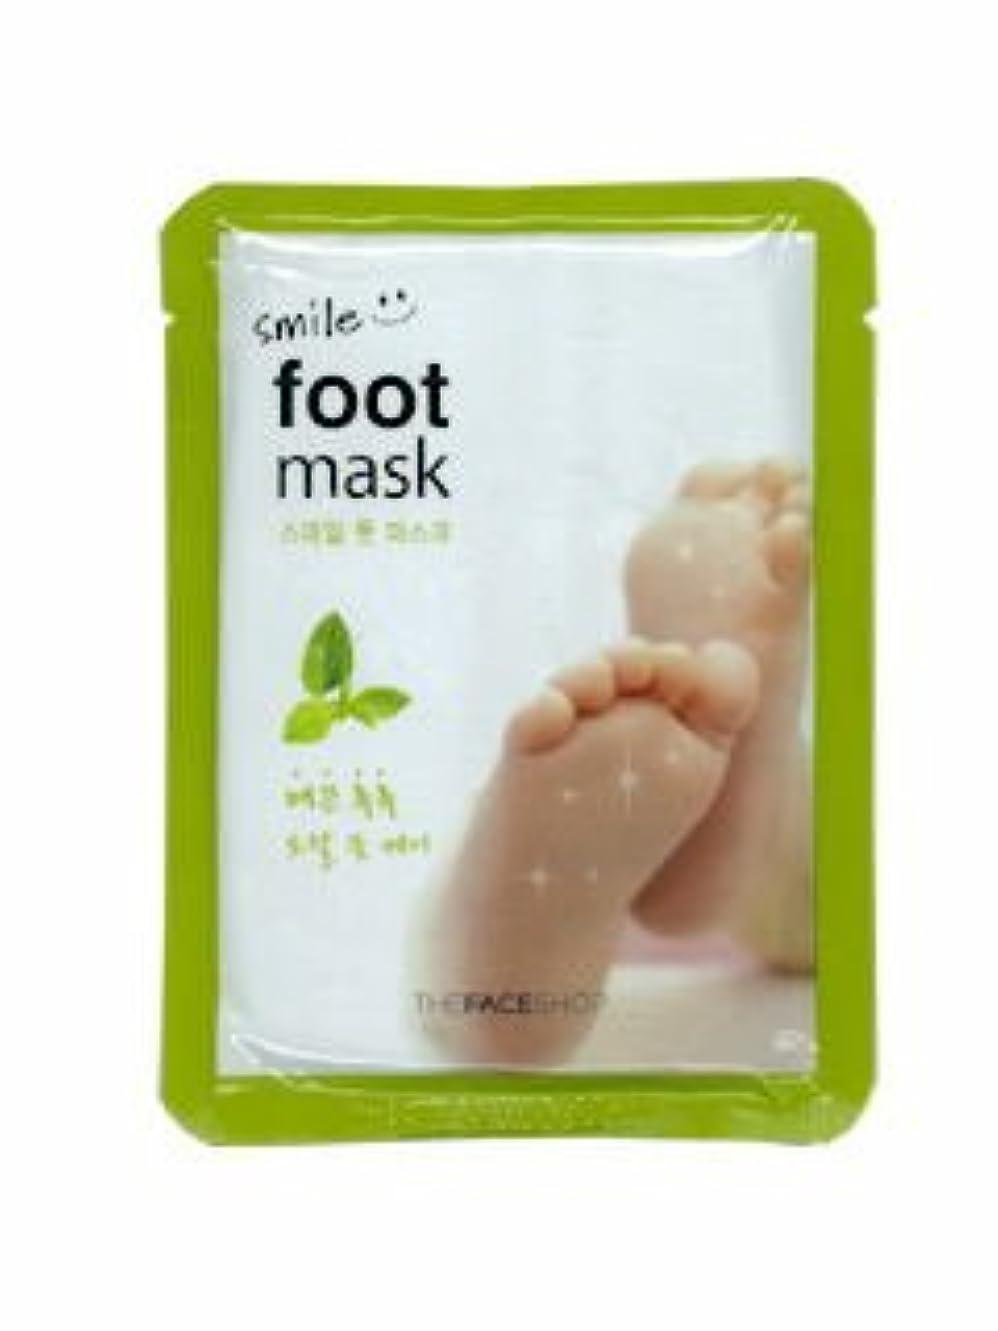 提案理想的愛情深い【THE FACE SHOP ( ザフェイスショップ )】 SMILE FOOT MASK スマイル フット マスク